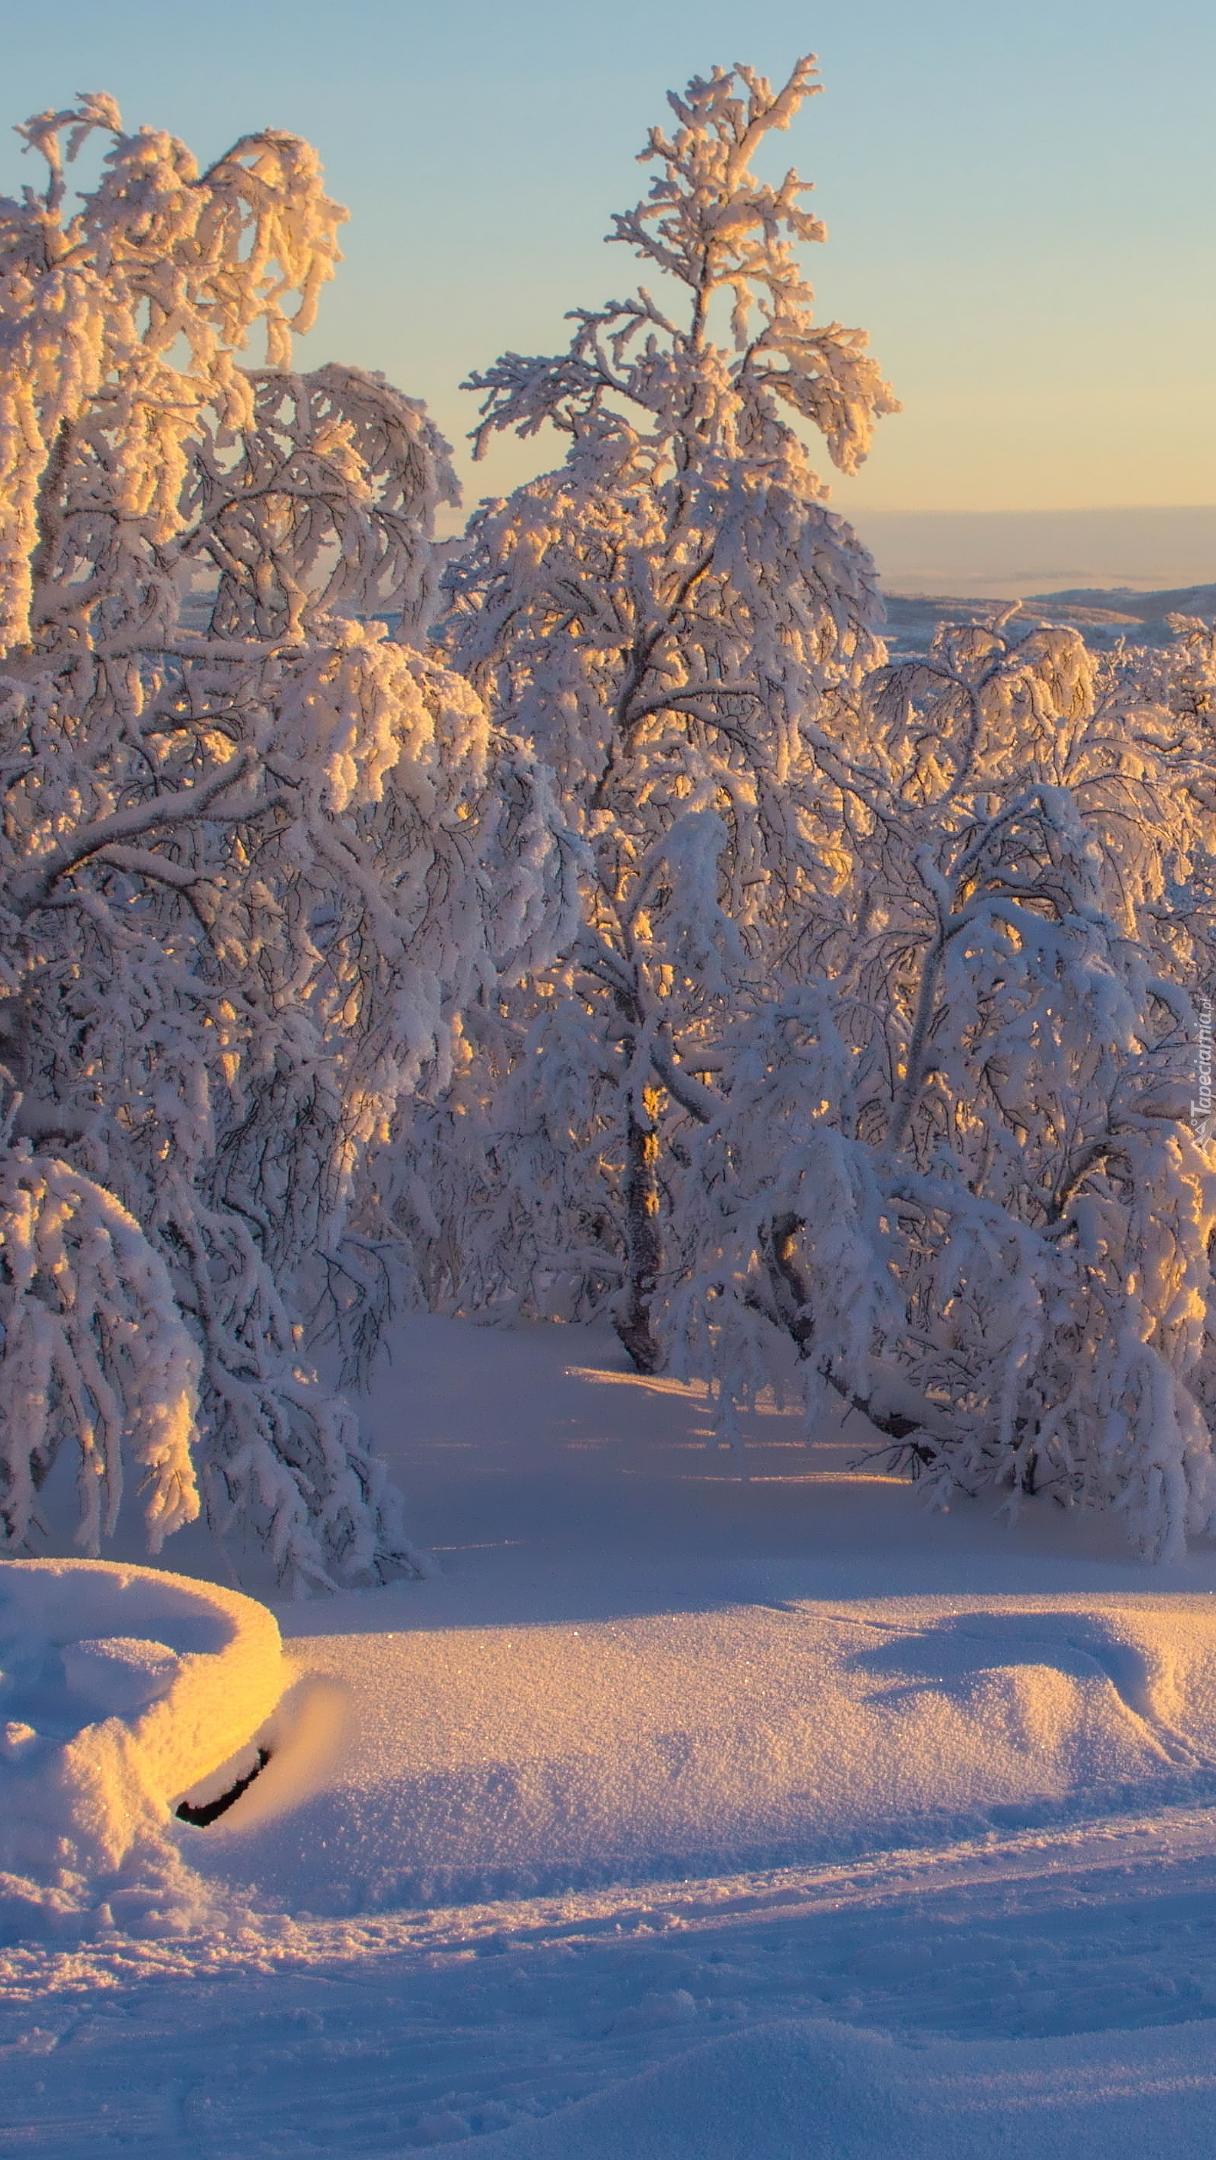 Ośnieżone drzewa przy drodze